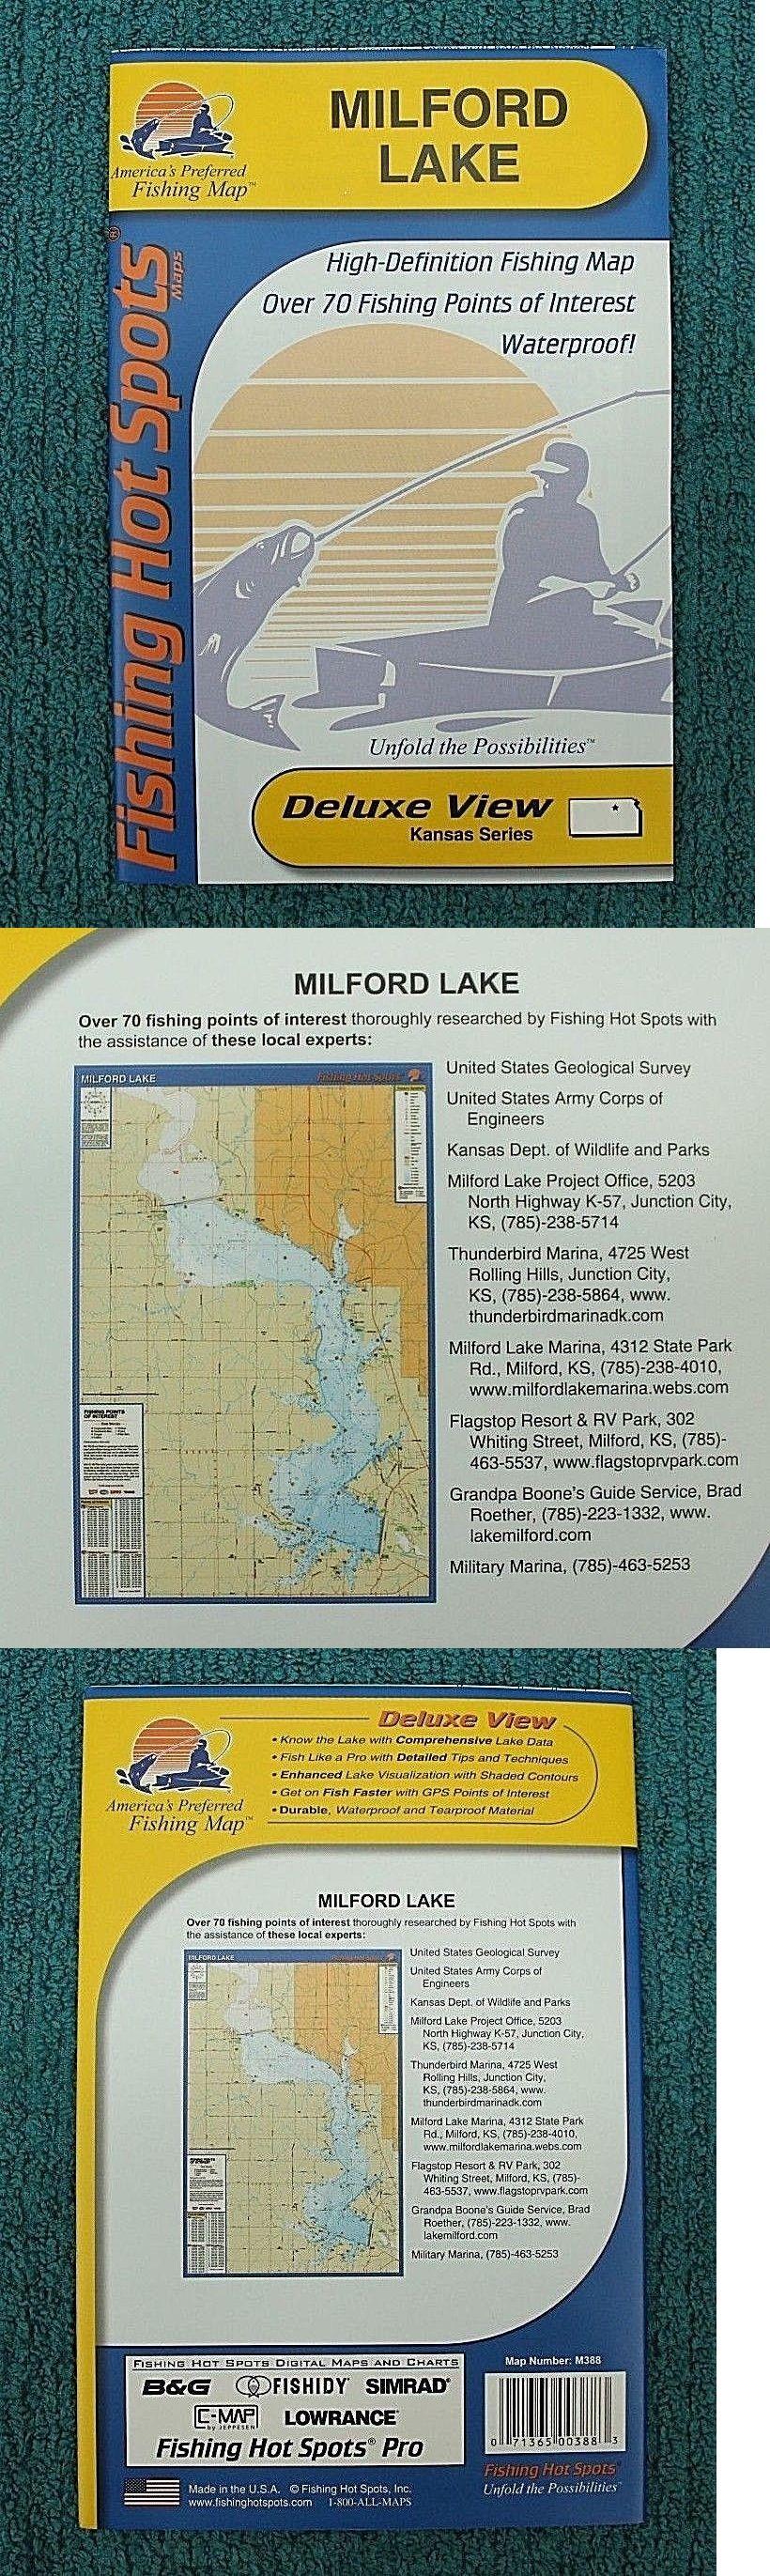 Milford Lake Kansas Map.Charts And Maps 179987 Milford Lake Kansas Fishing Hot Spots Maps